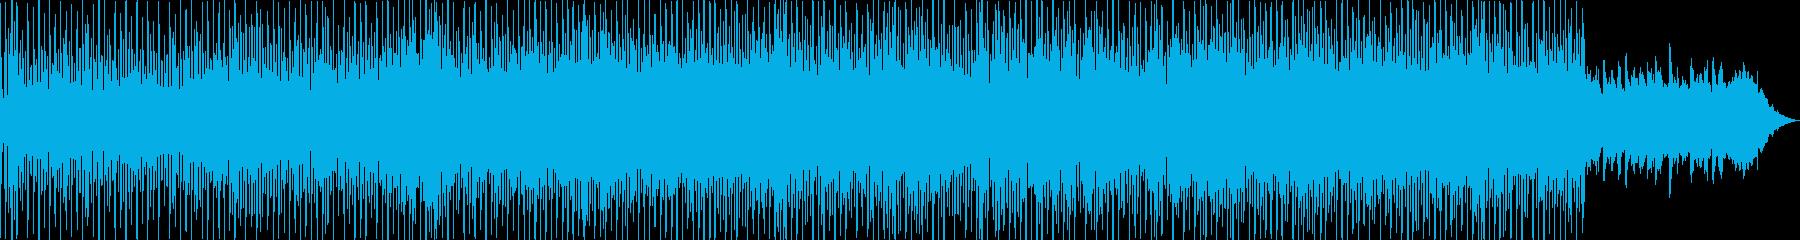 明るく爽やかなオーケストラポップ-02の再生済みの波形